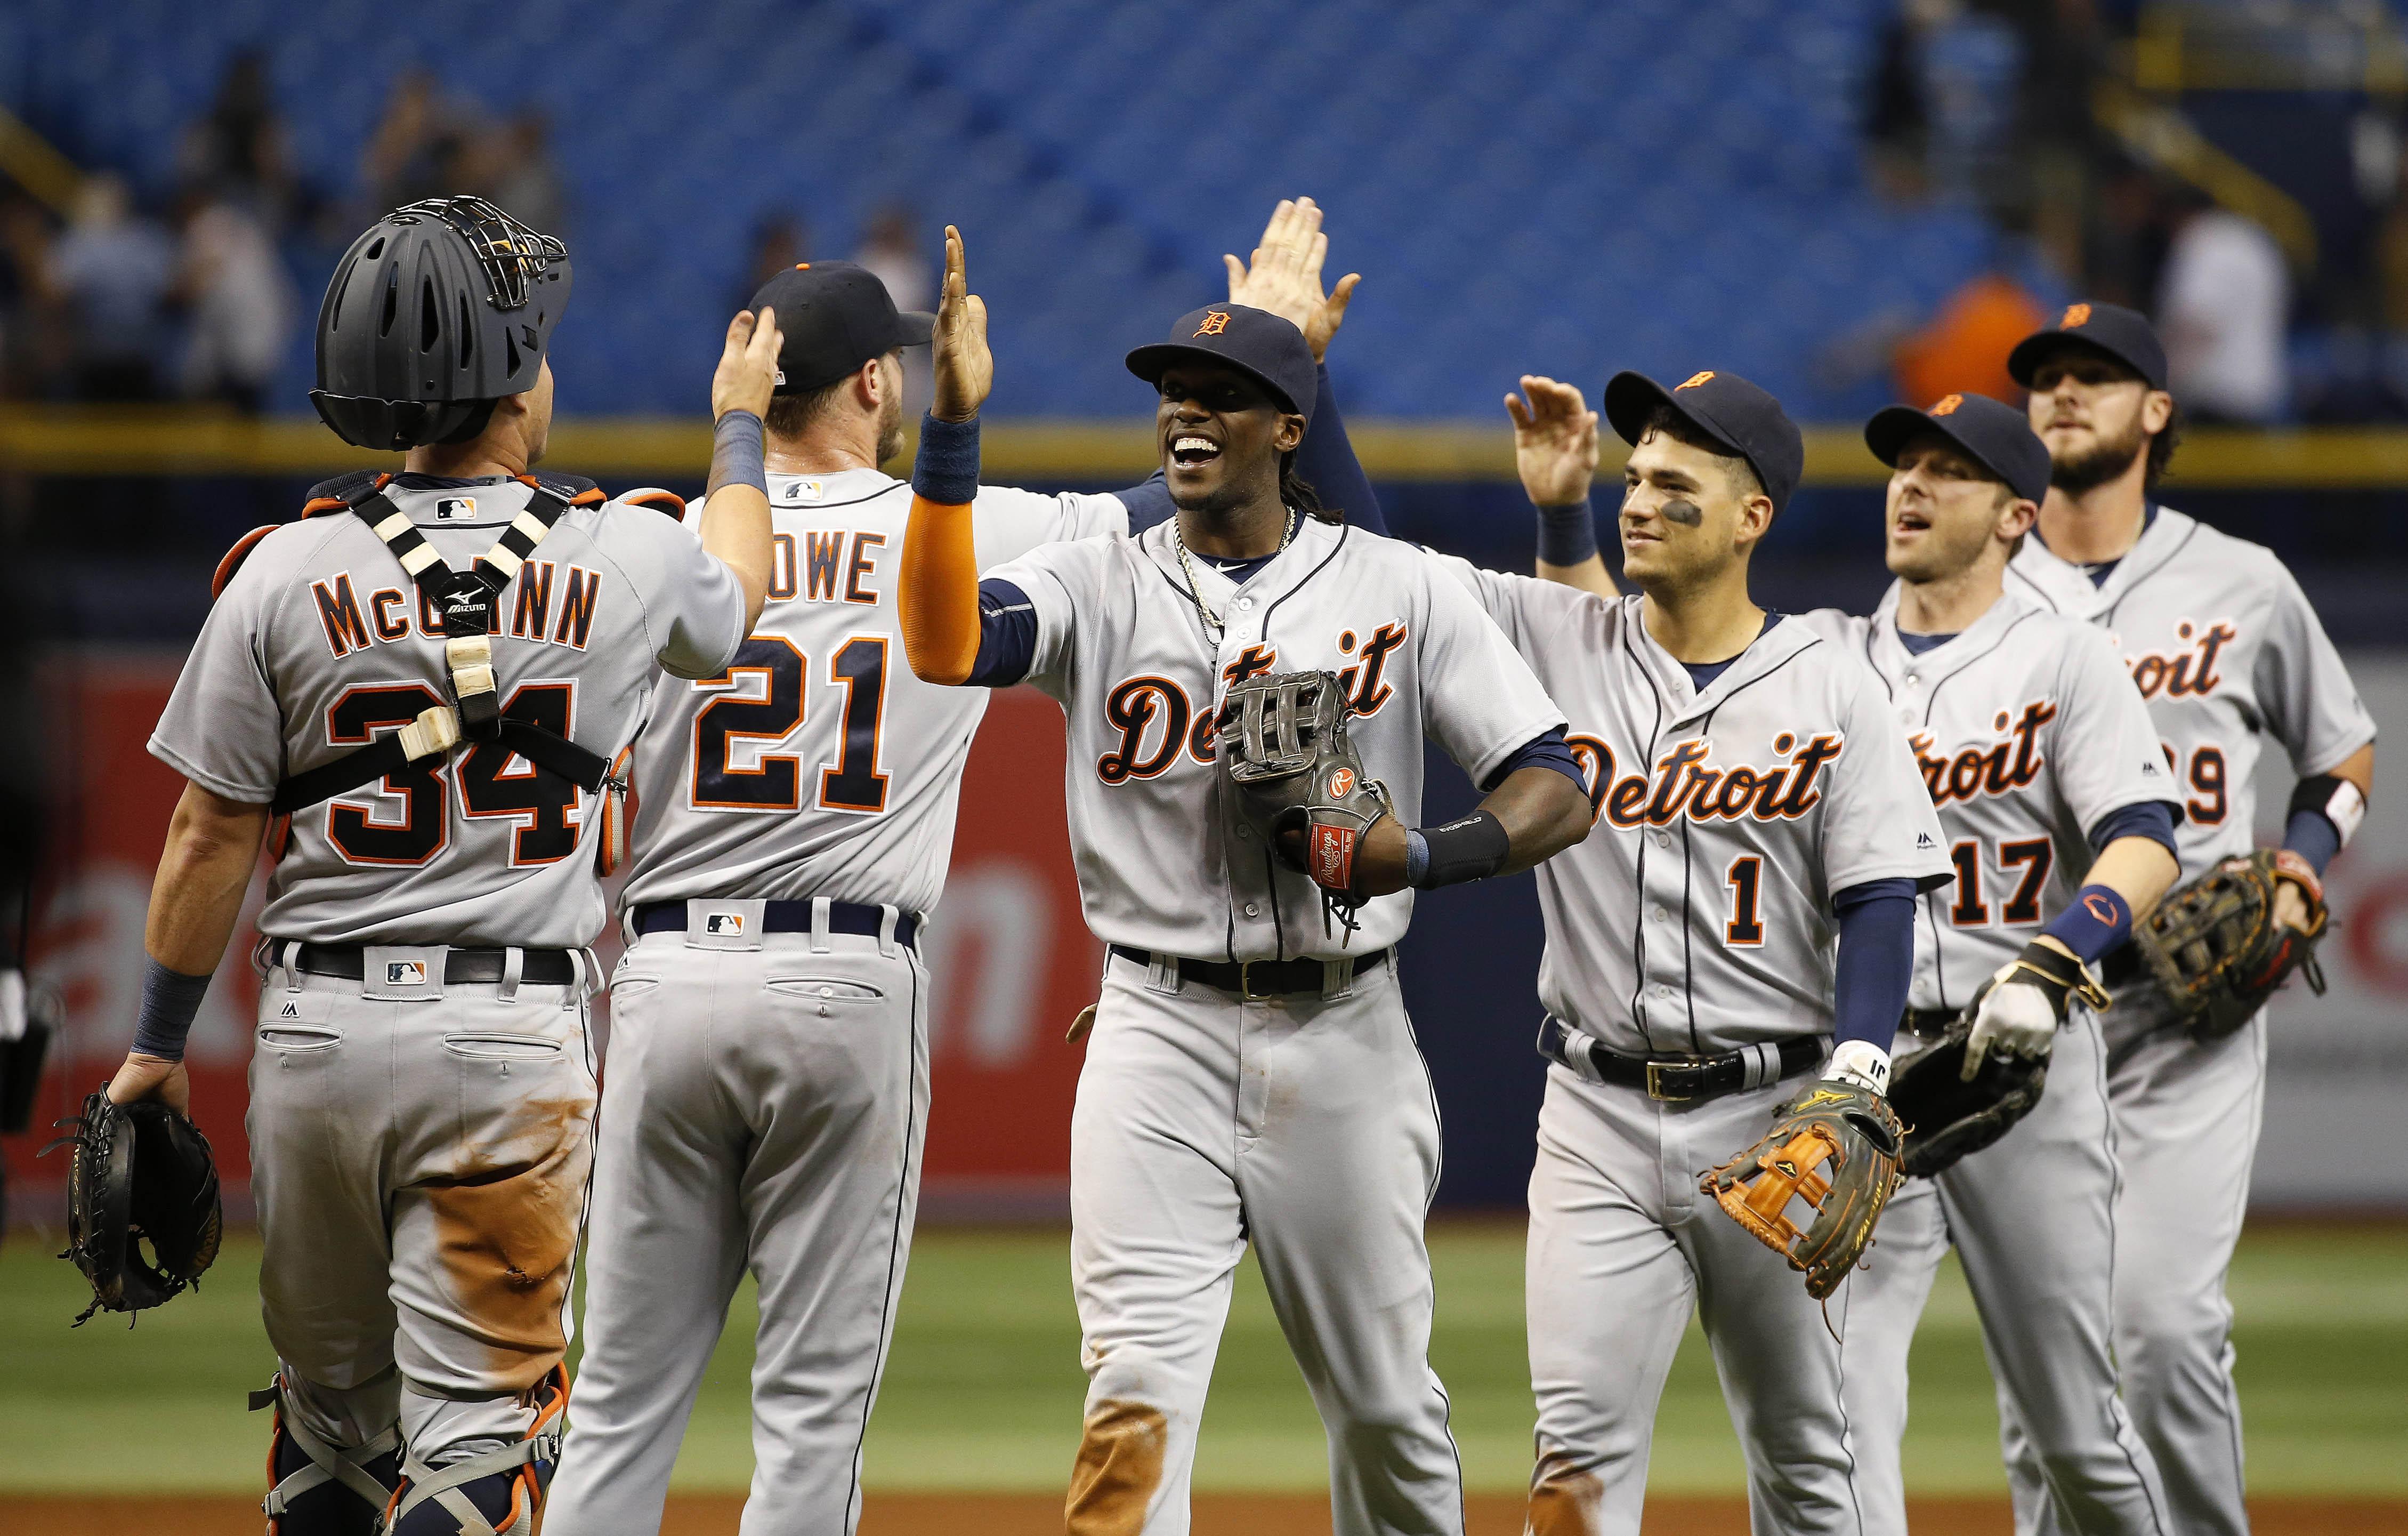 Detroit Tigers бейсбольная команда одежда купить Украина